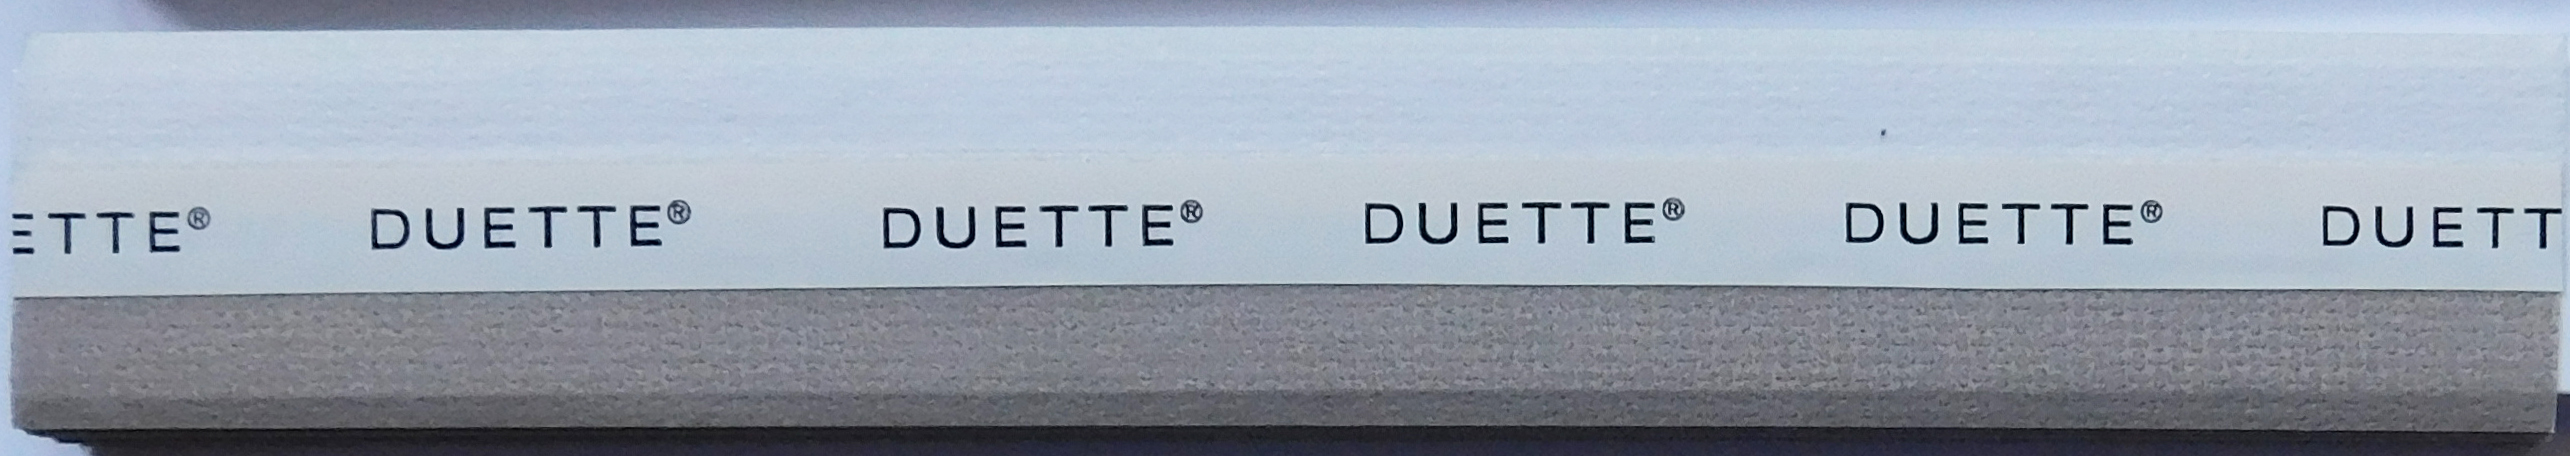 Unix Squirrel Duette Blind fabric